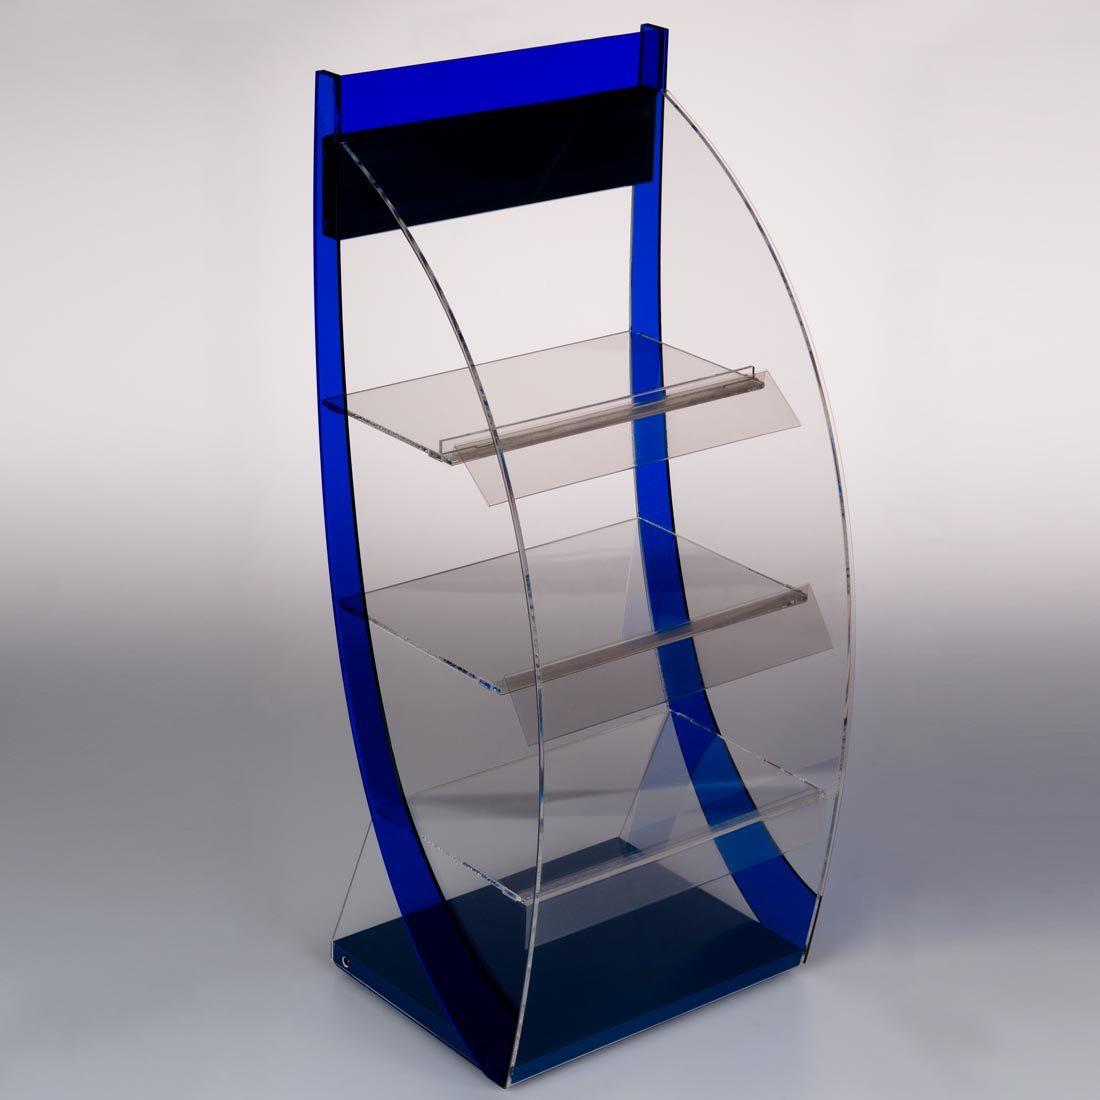 Reklamné plastové stojany 2